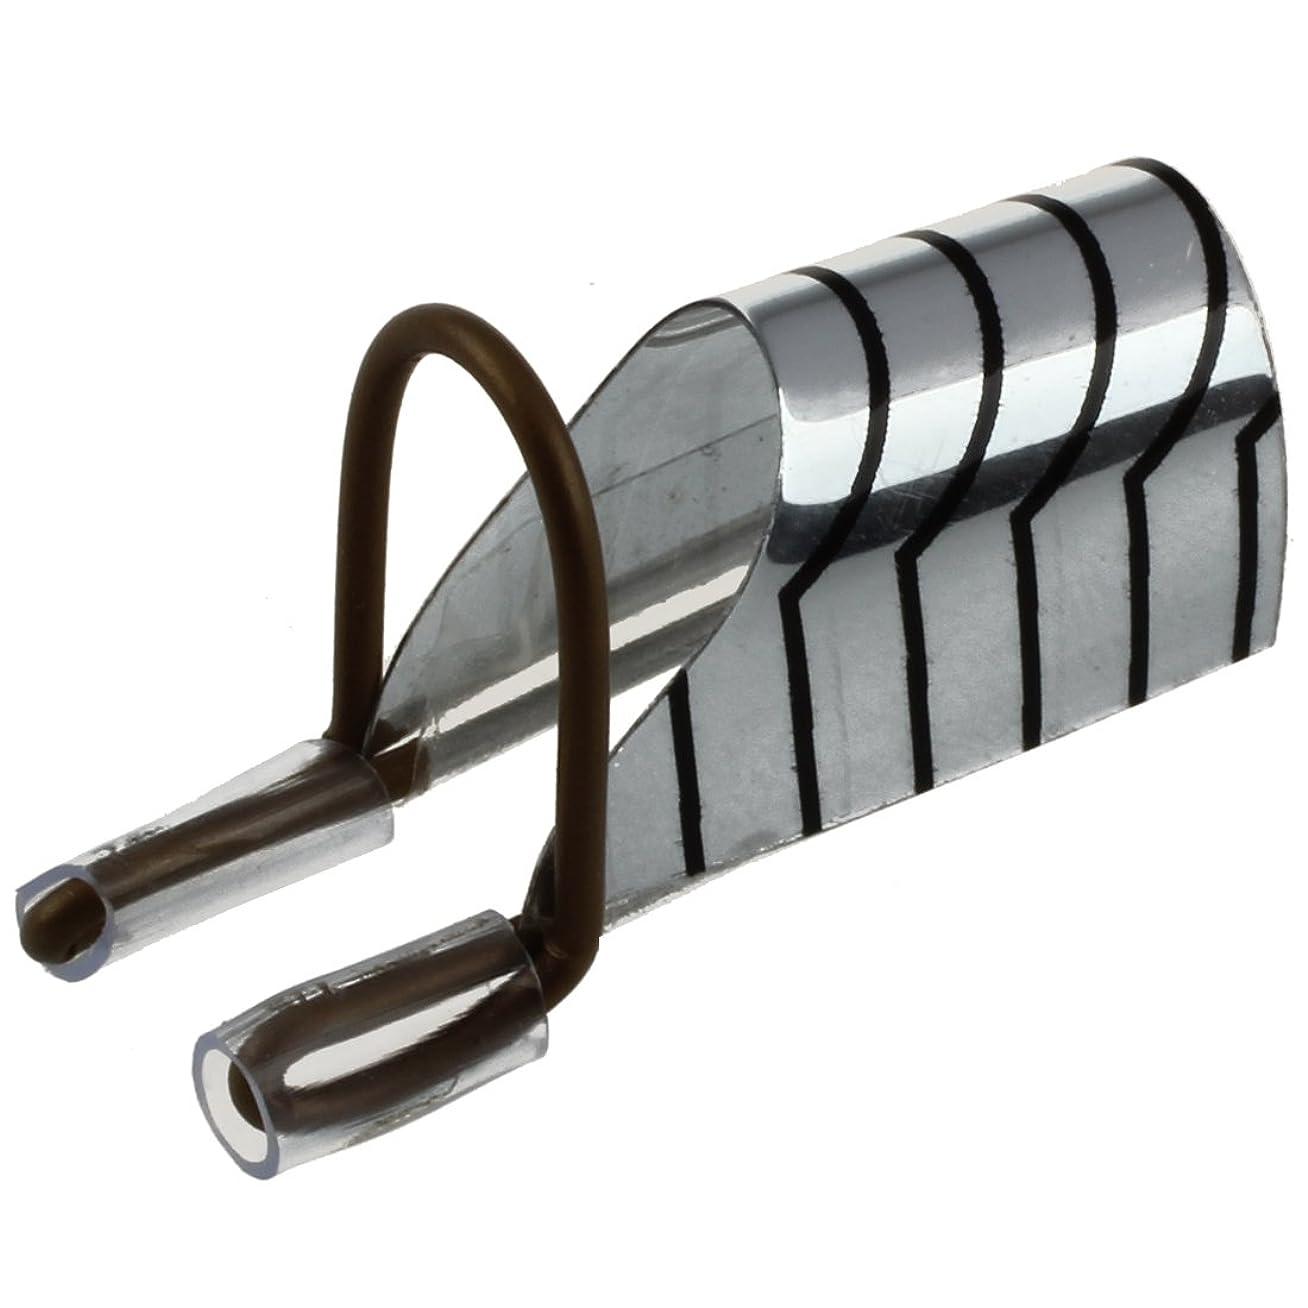 デンマーク語専門用語ランチョンNrpfell Nrpfell(R) 5個再利用可能なネイルアートフォームのUVジェルフレンチアクリルヒントプロテクターツール銀箔W/ ボックス